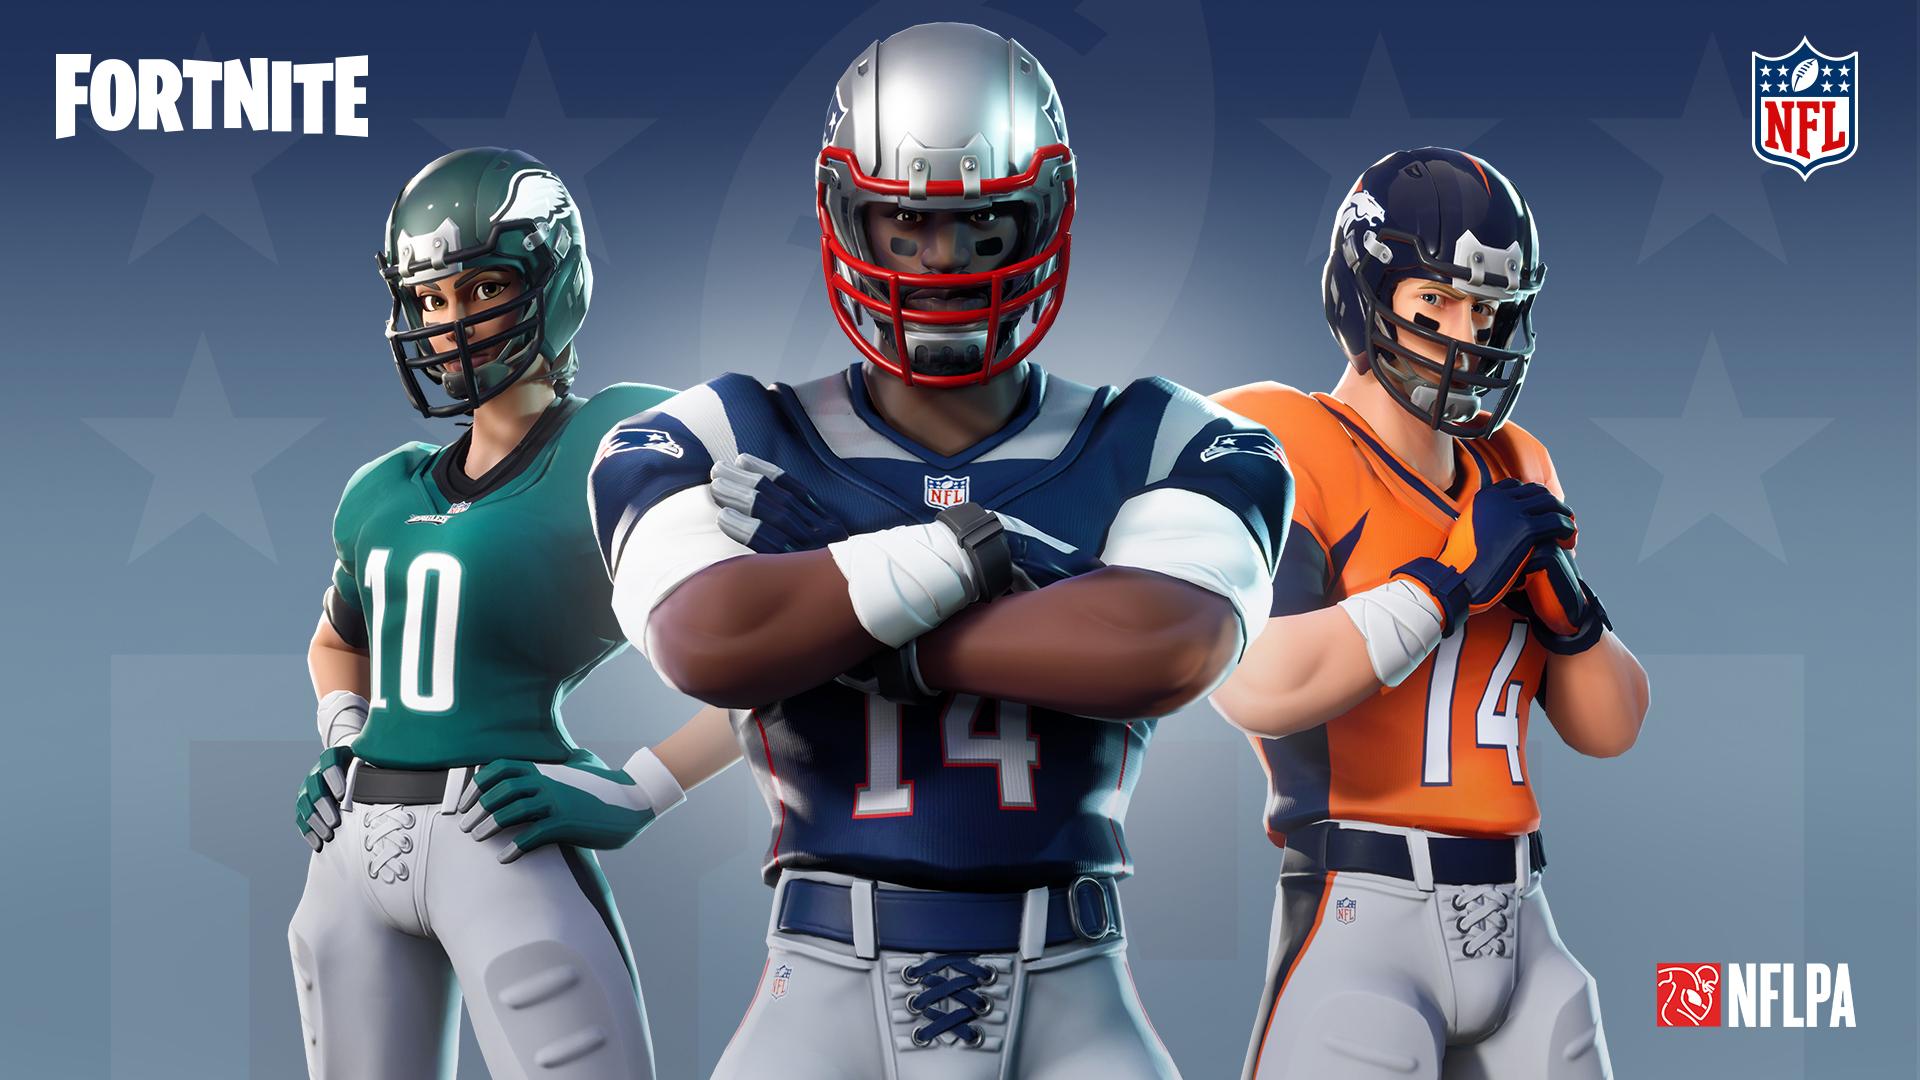 Fortnite y la NFL firmaron una alianza que no decepcionará a los fans